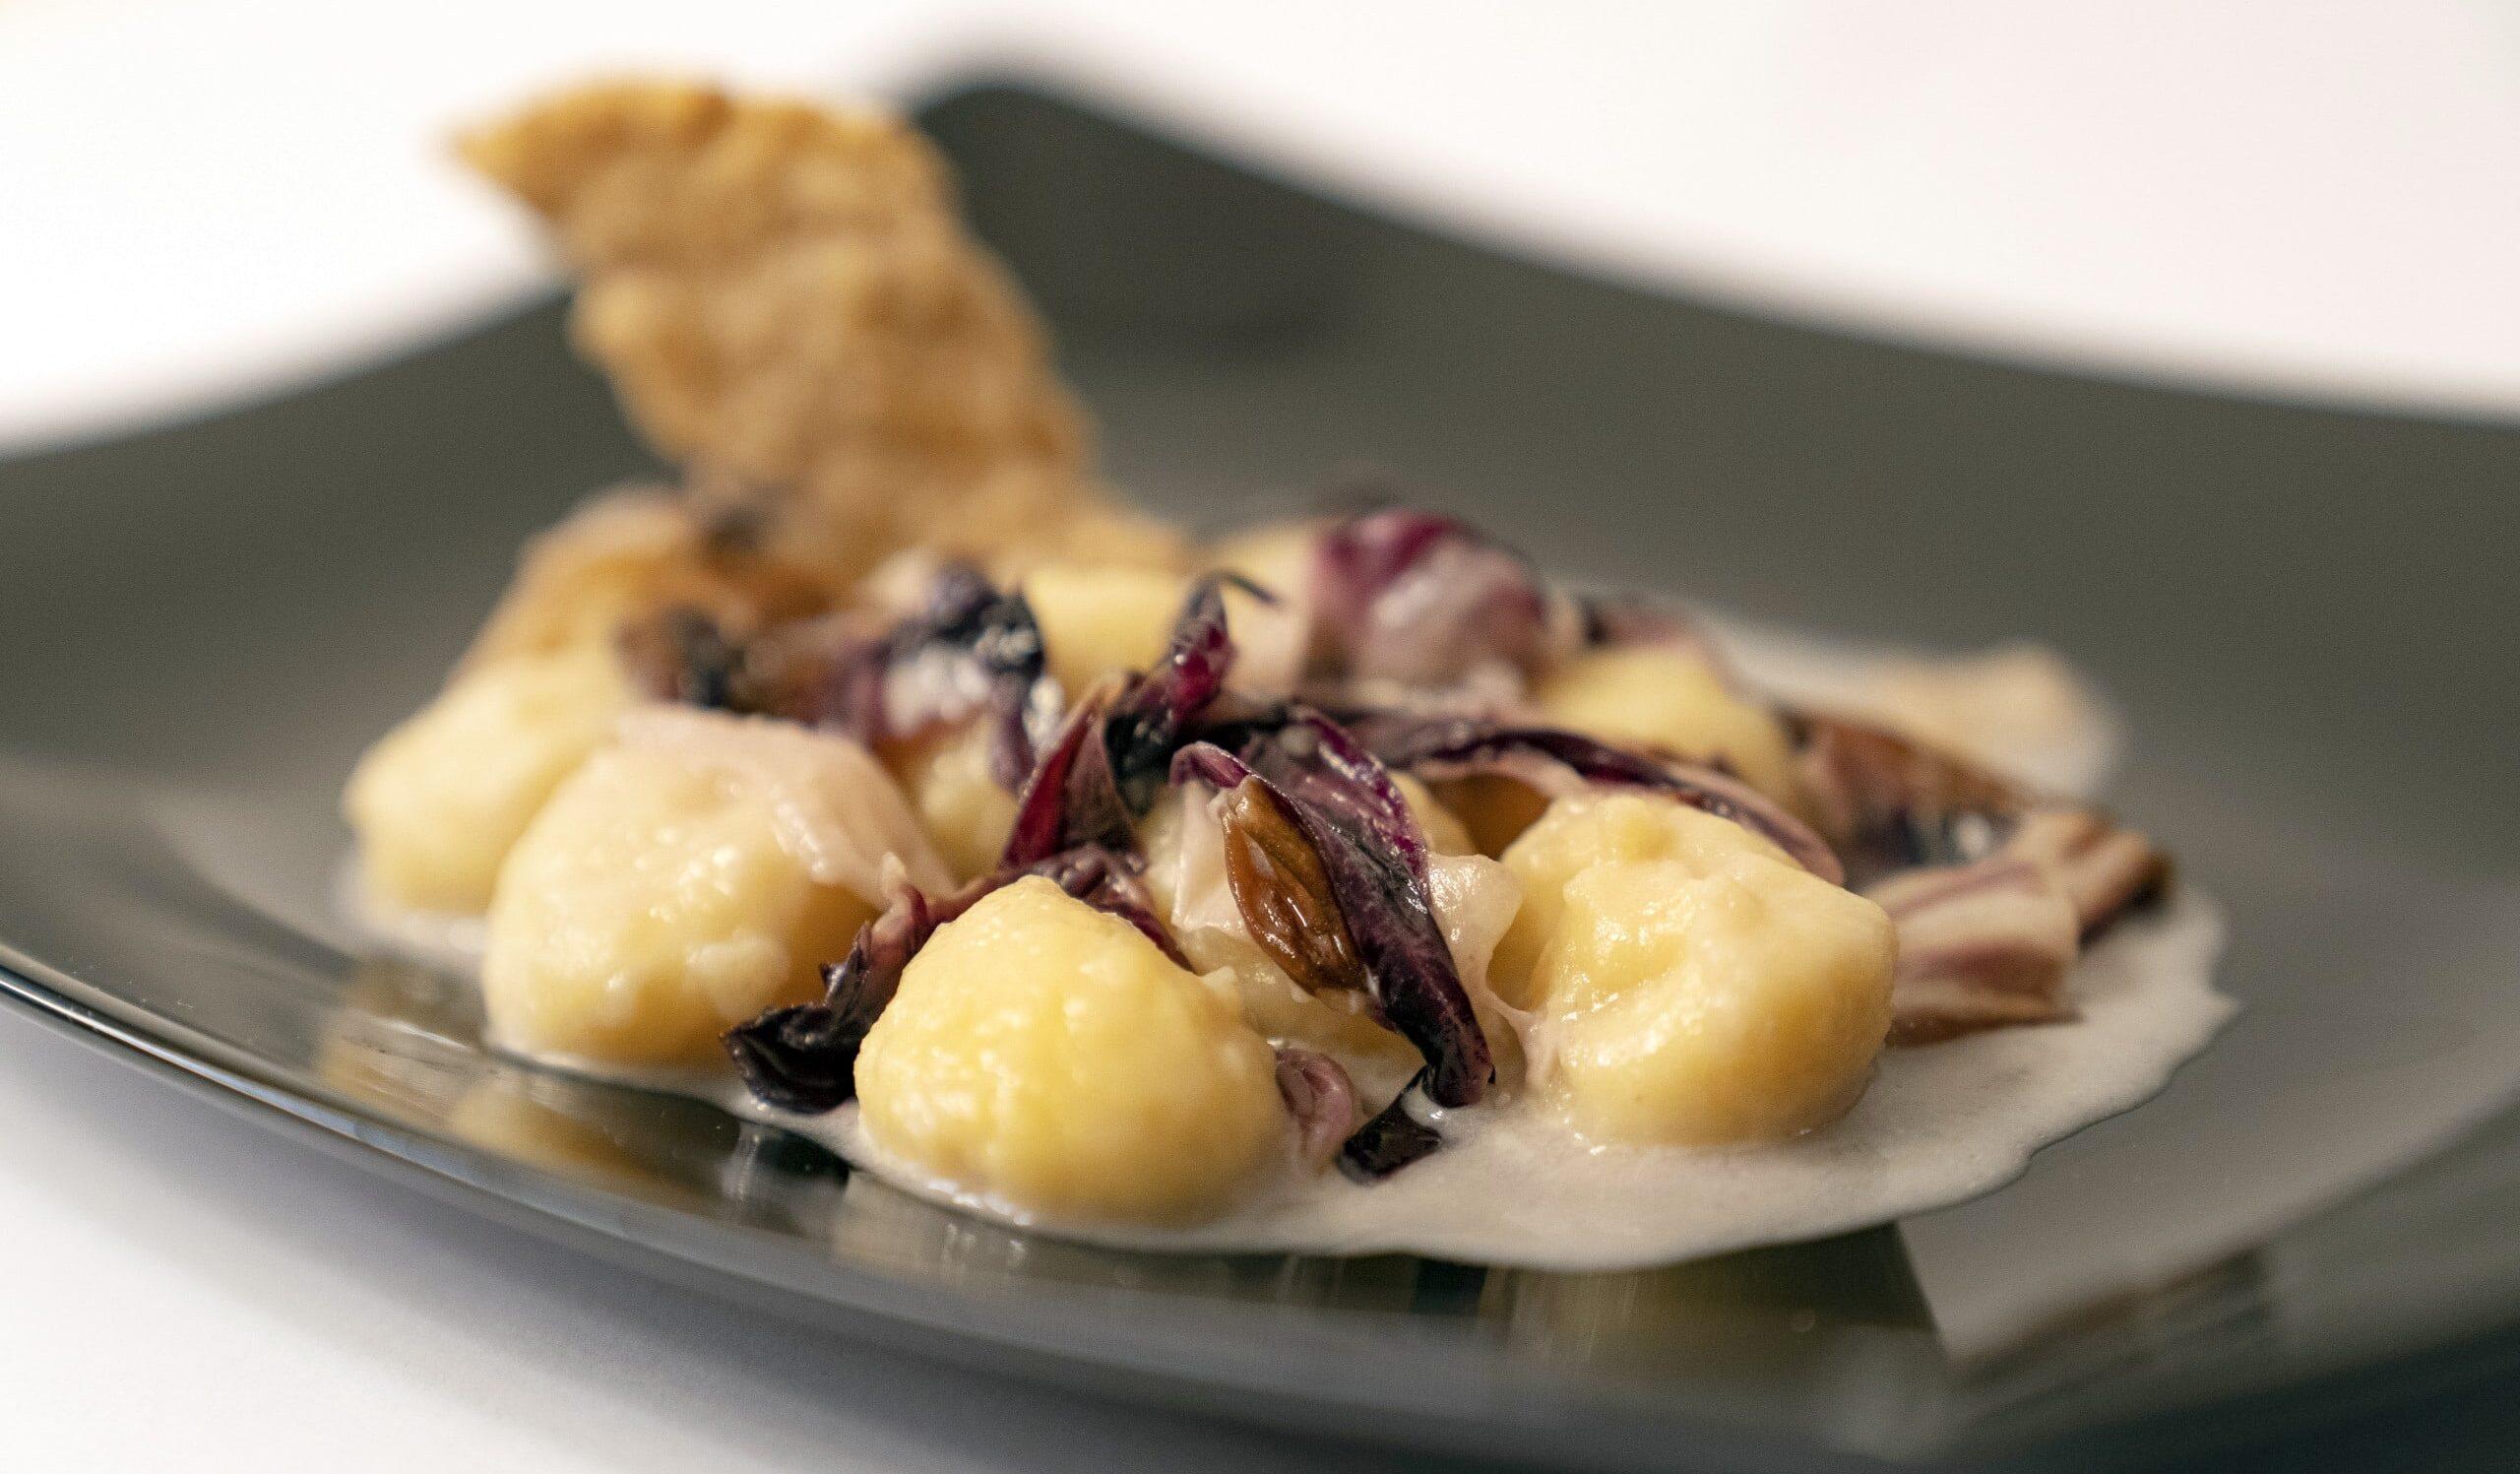 Gnocchi aus Schüttelbrot mit Radicchio und Blauschimmelkäse